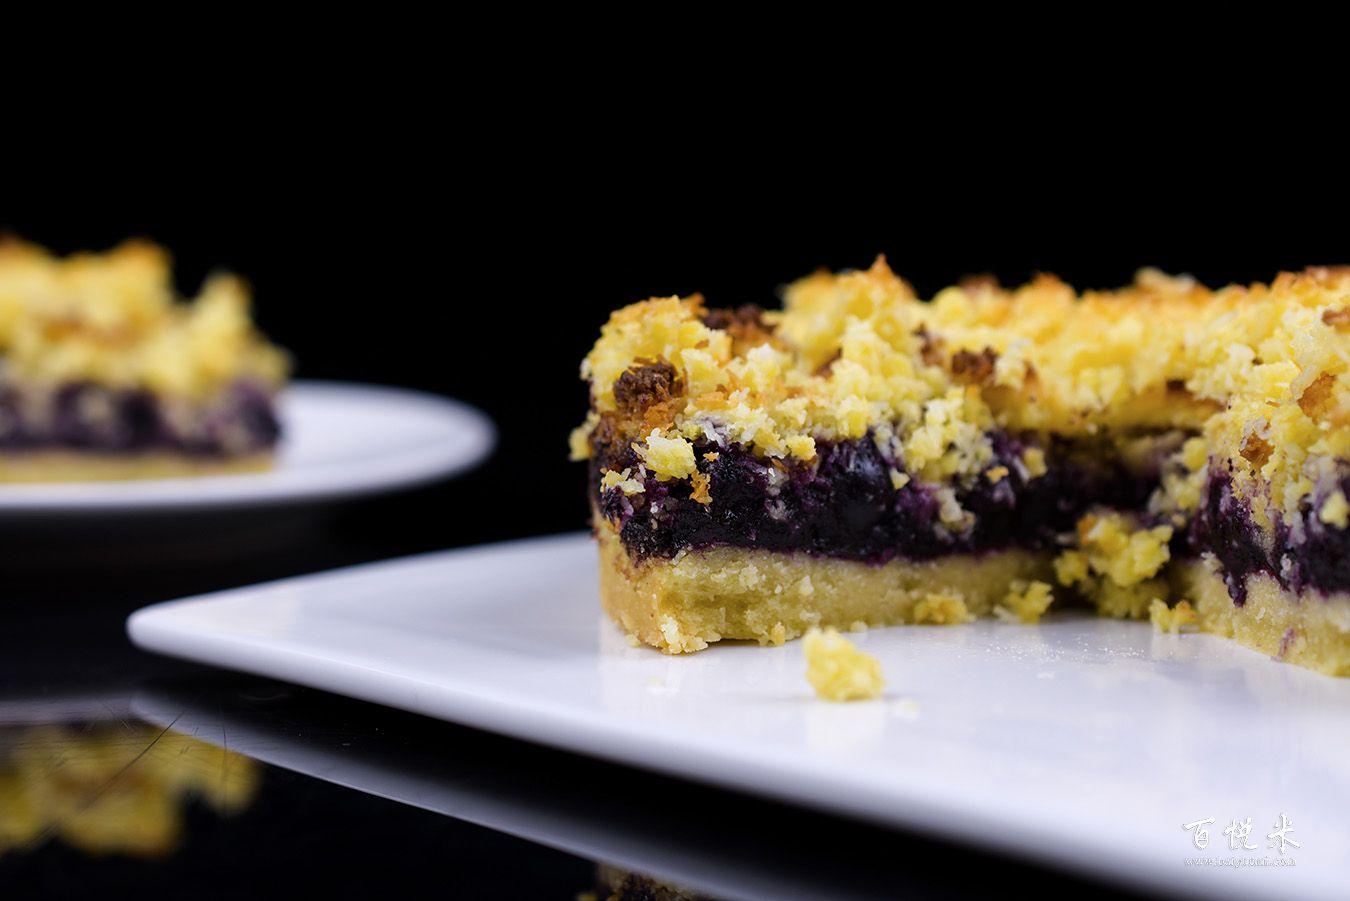 蓝莓酥粒小方块高清图片大全【蛋糕图片】_1206